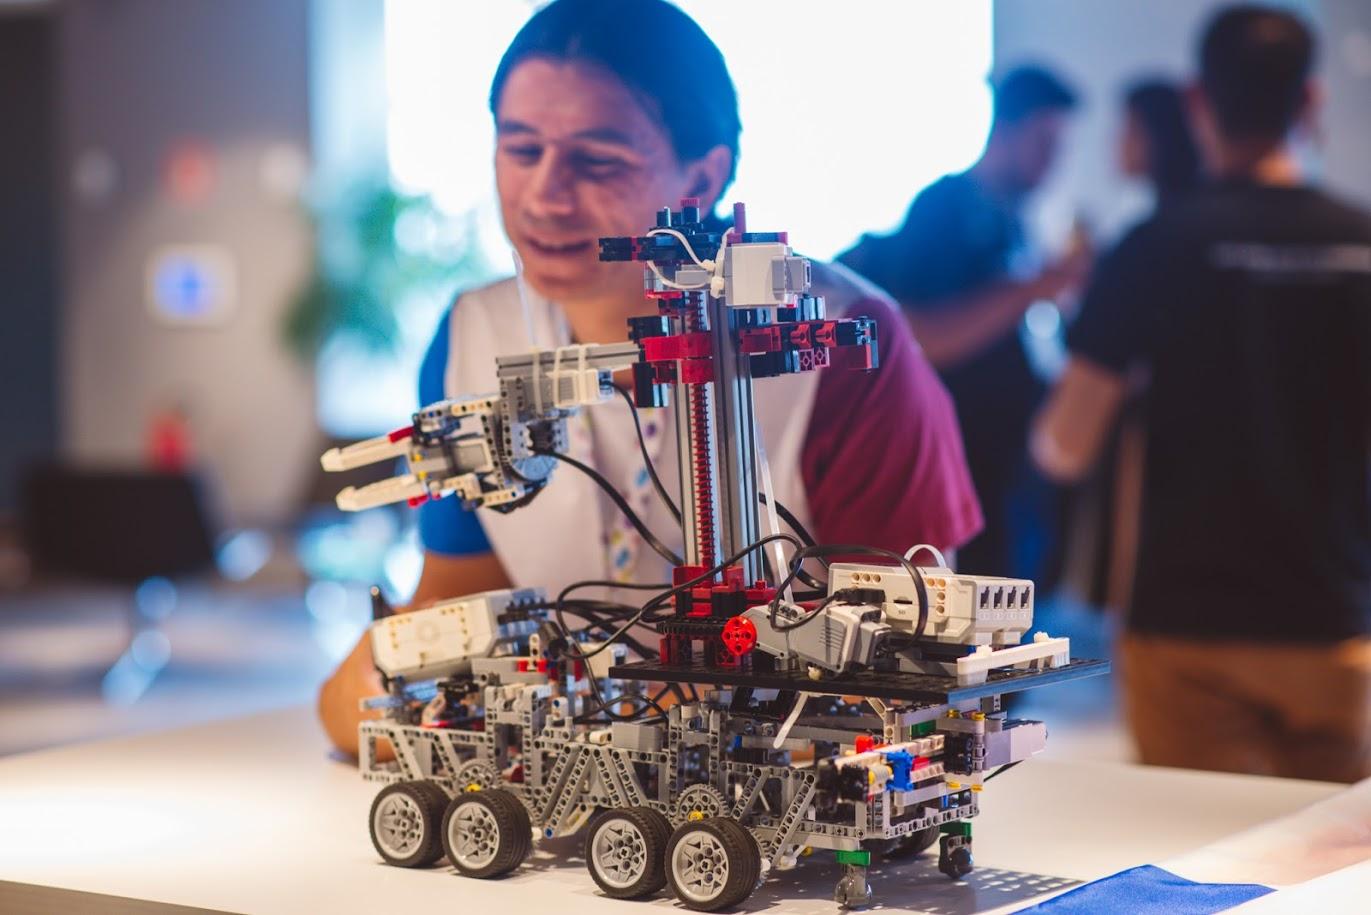 Inicia la convocatoria del programa educativo de Samsung: Soluciones para el futuro 2021